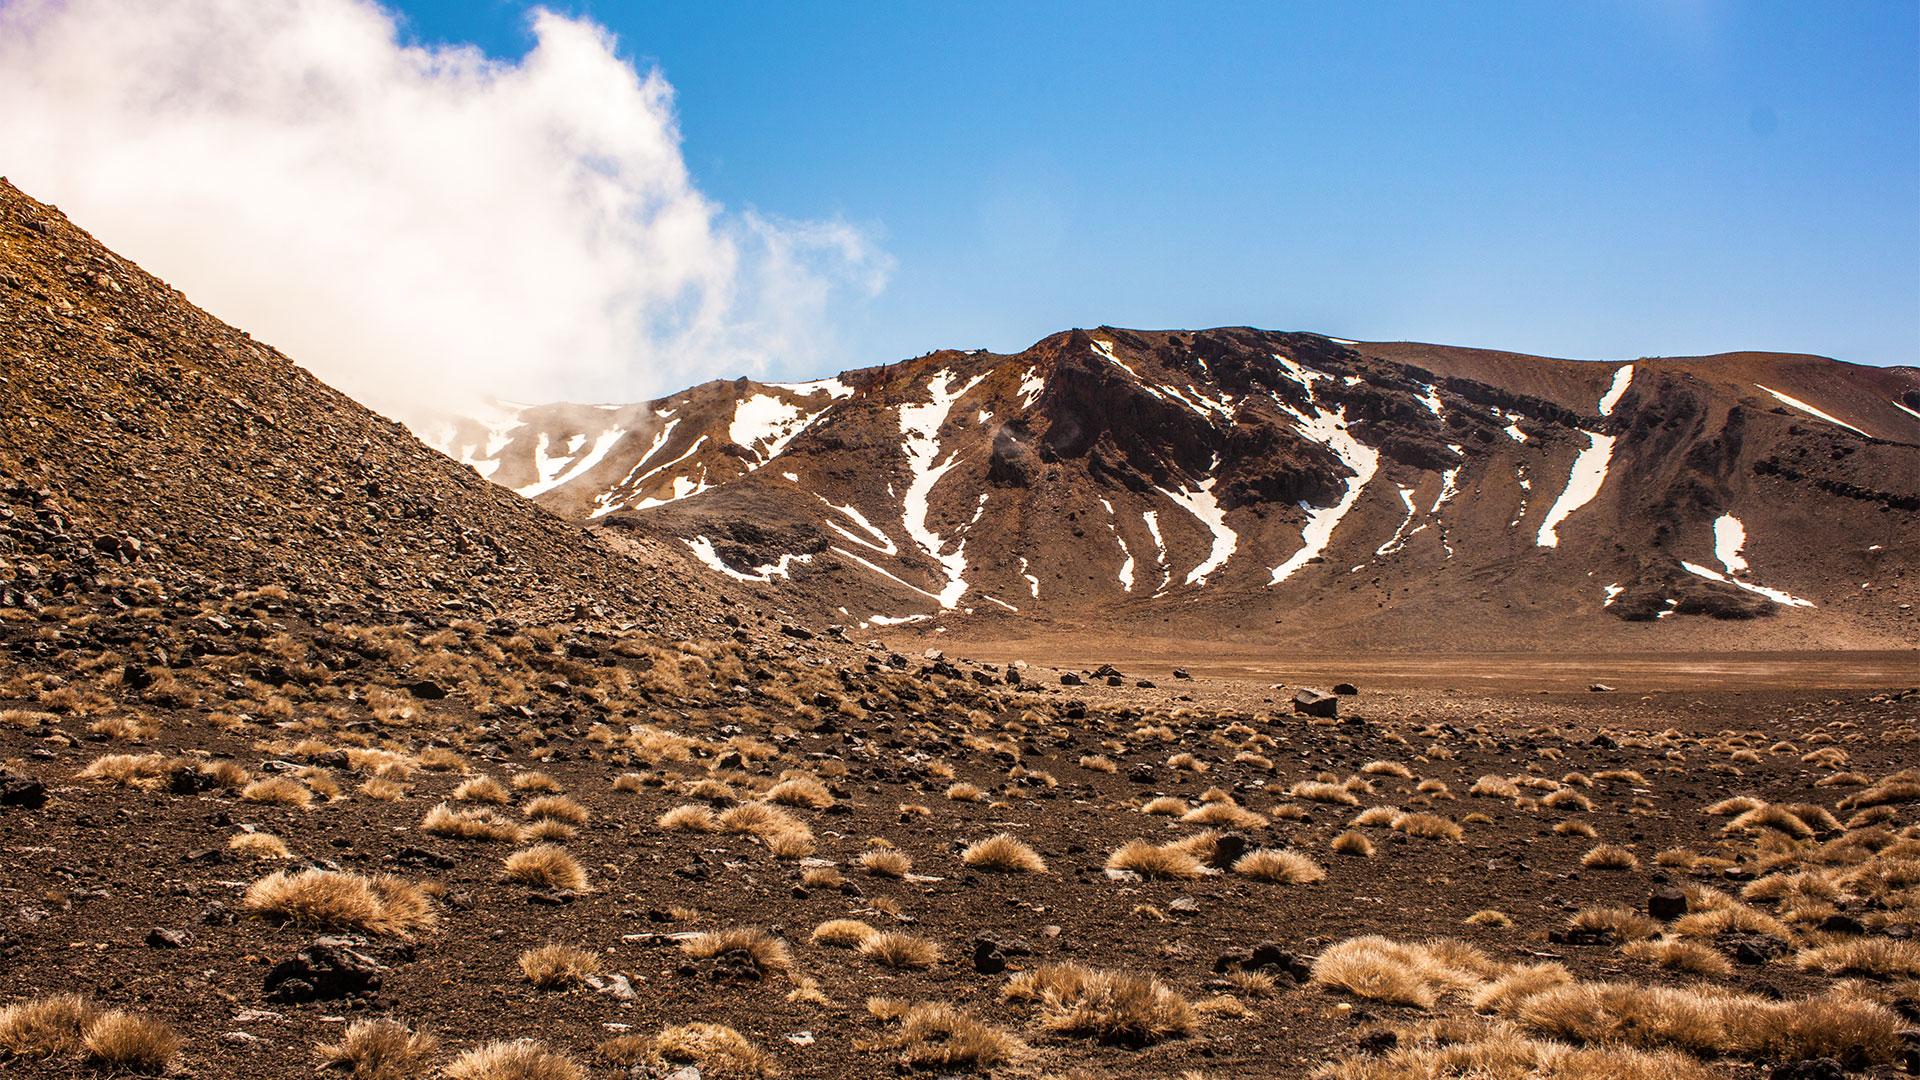 Wandern durch karge Vulkanlandschaft